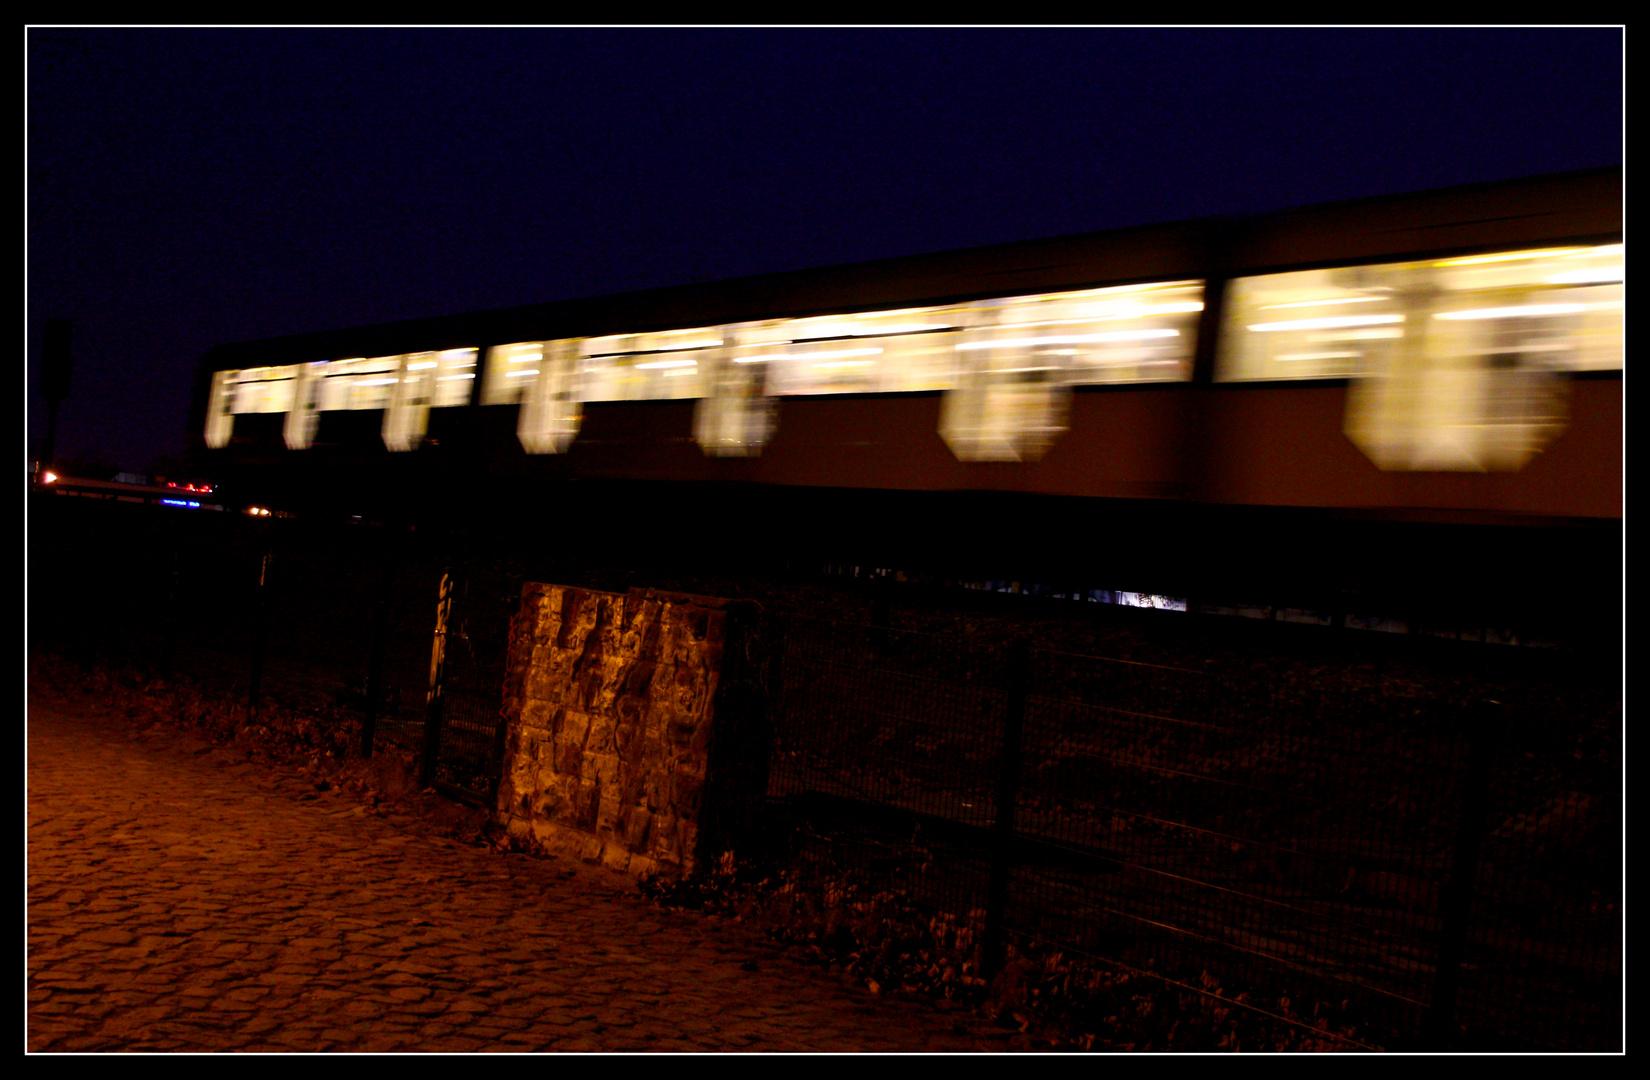 Der Zug